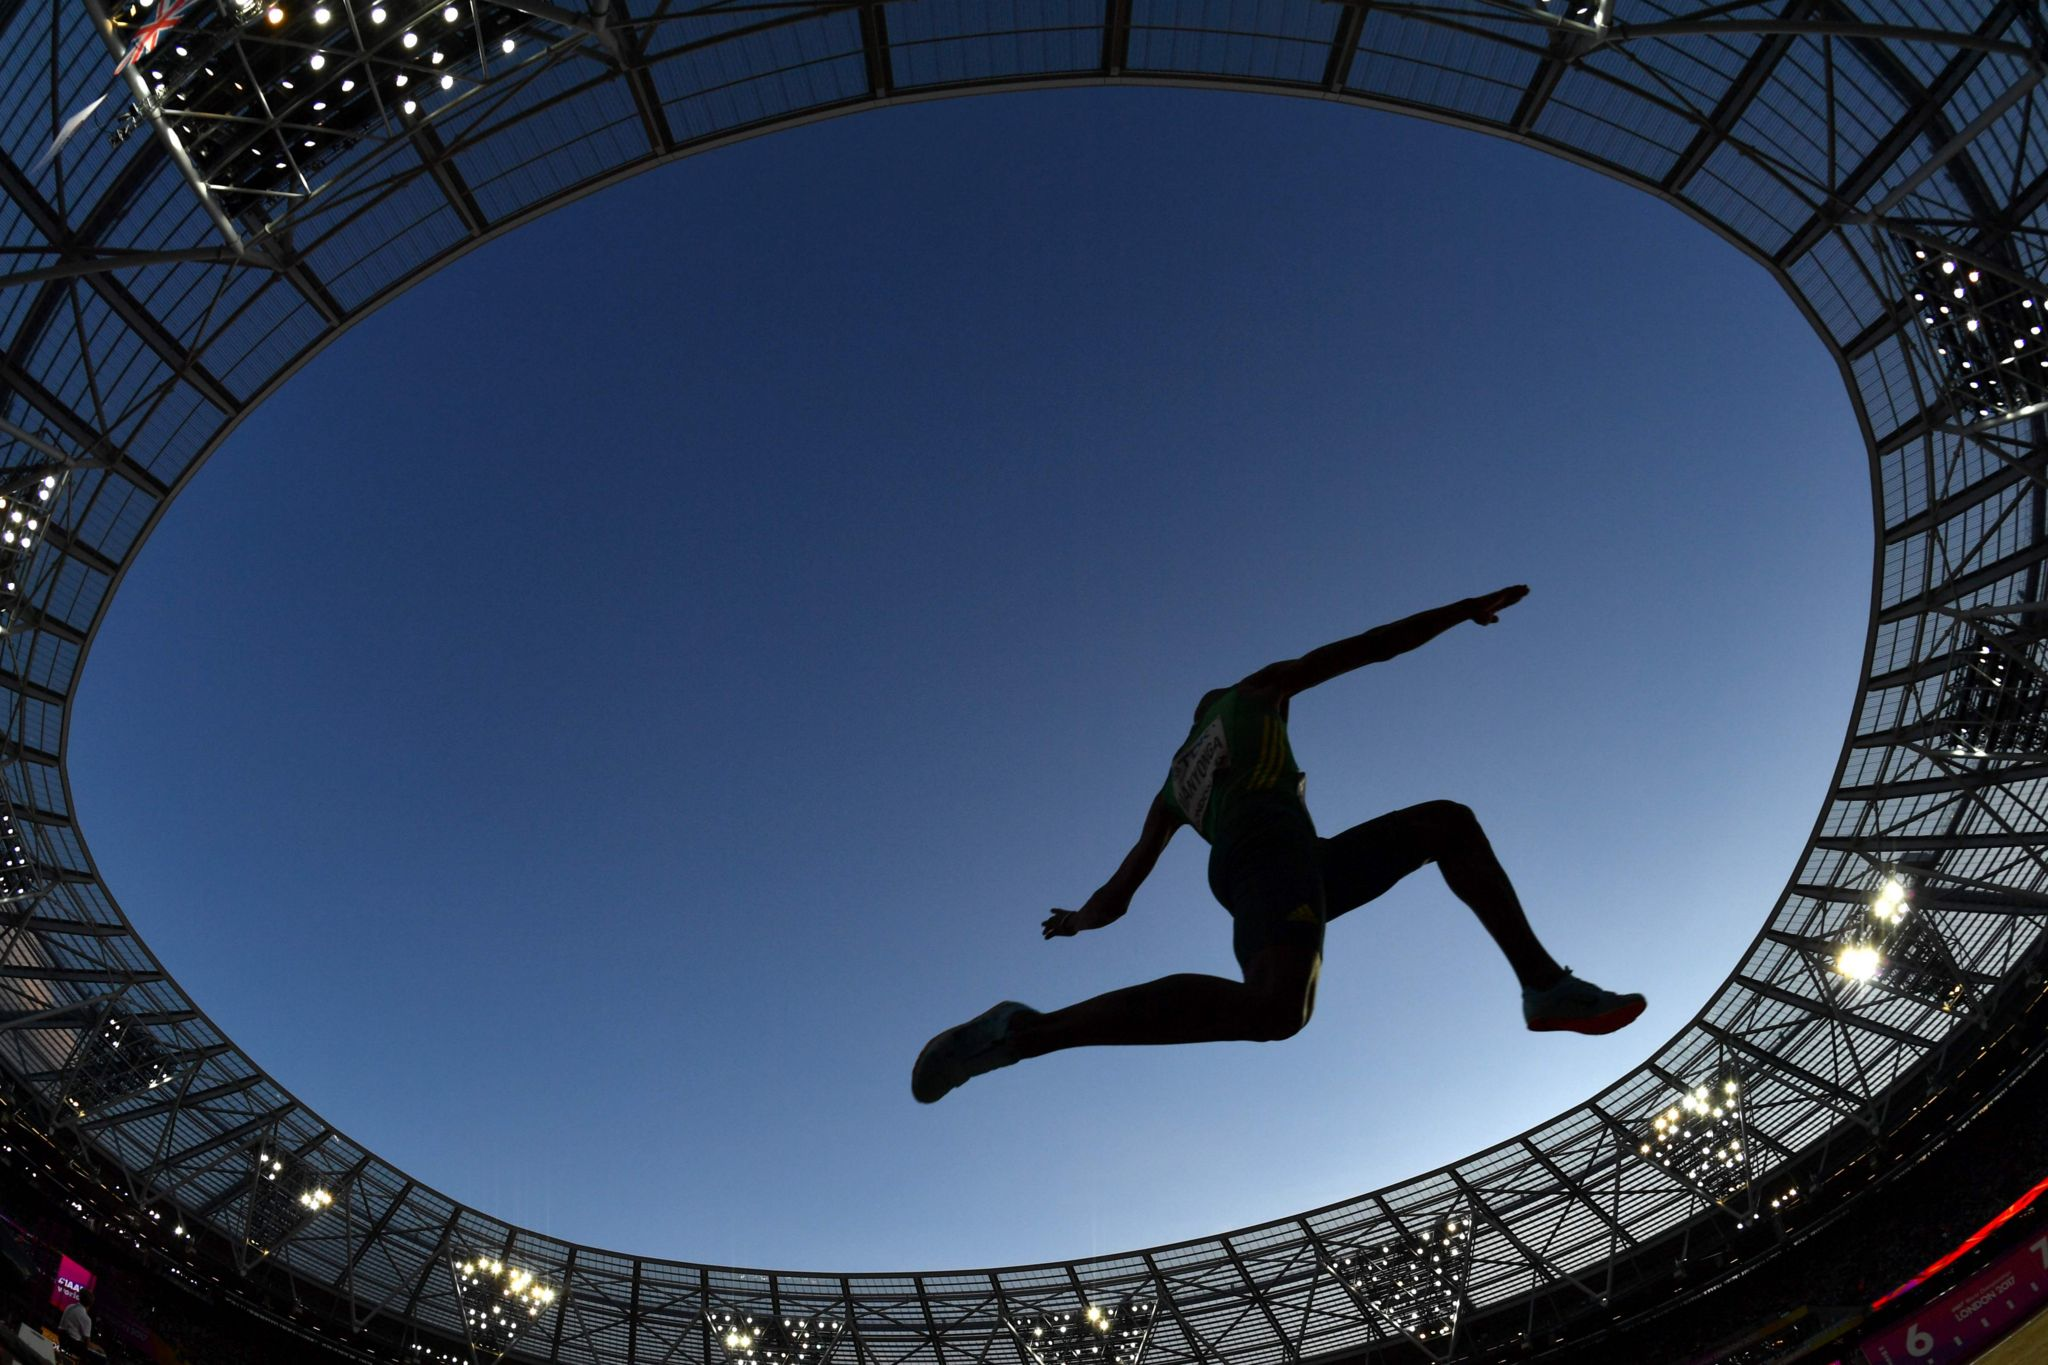 Luvo Manyonga mid-jump